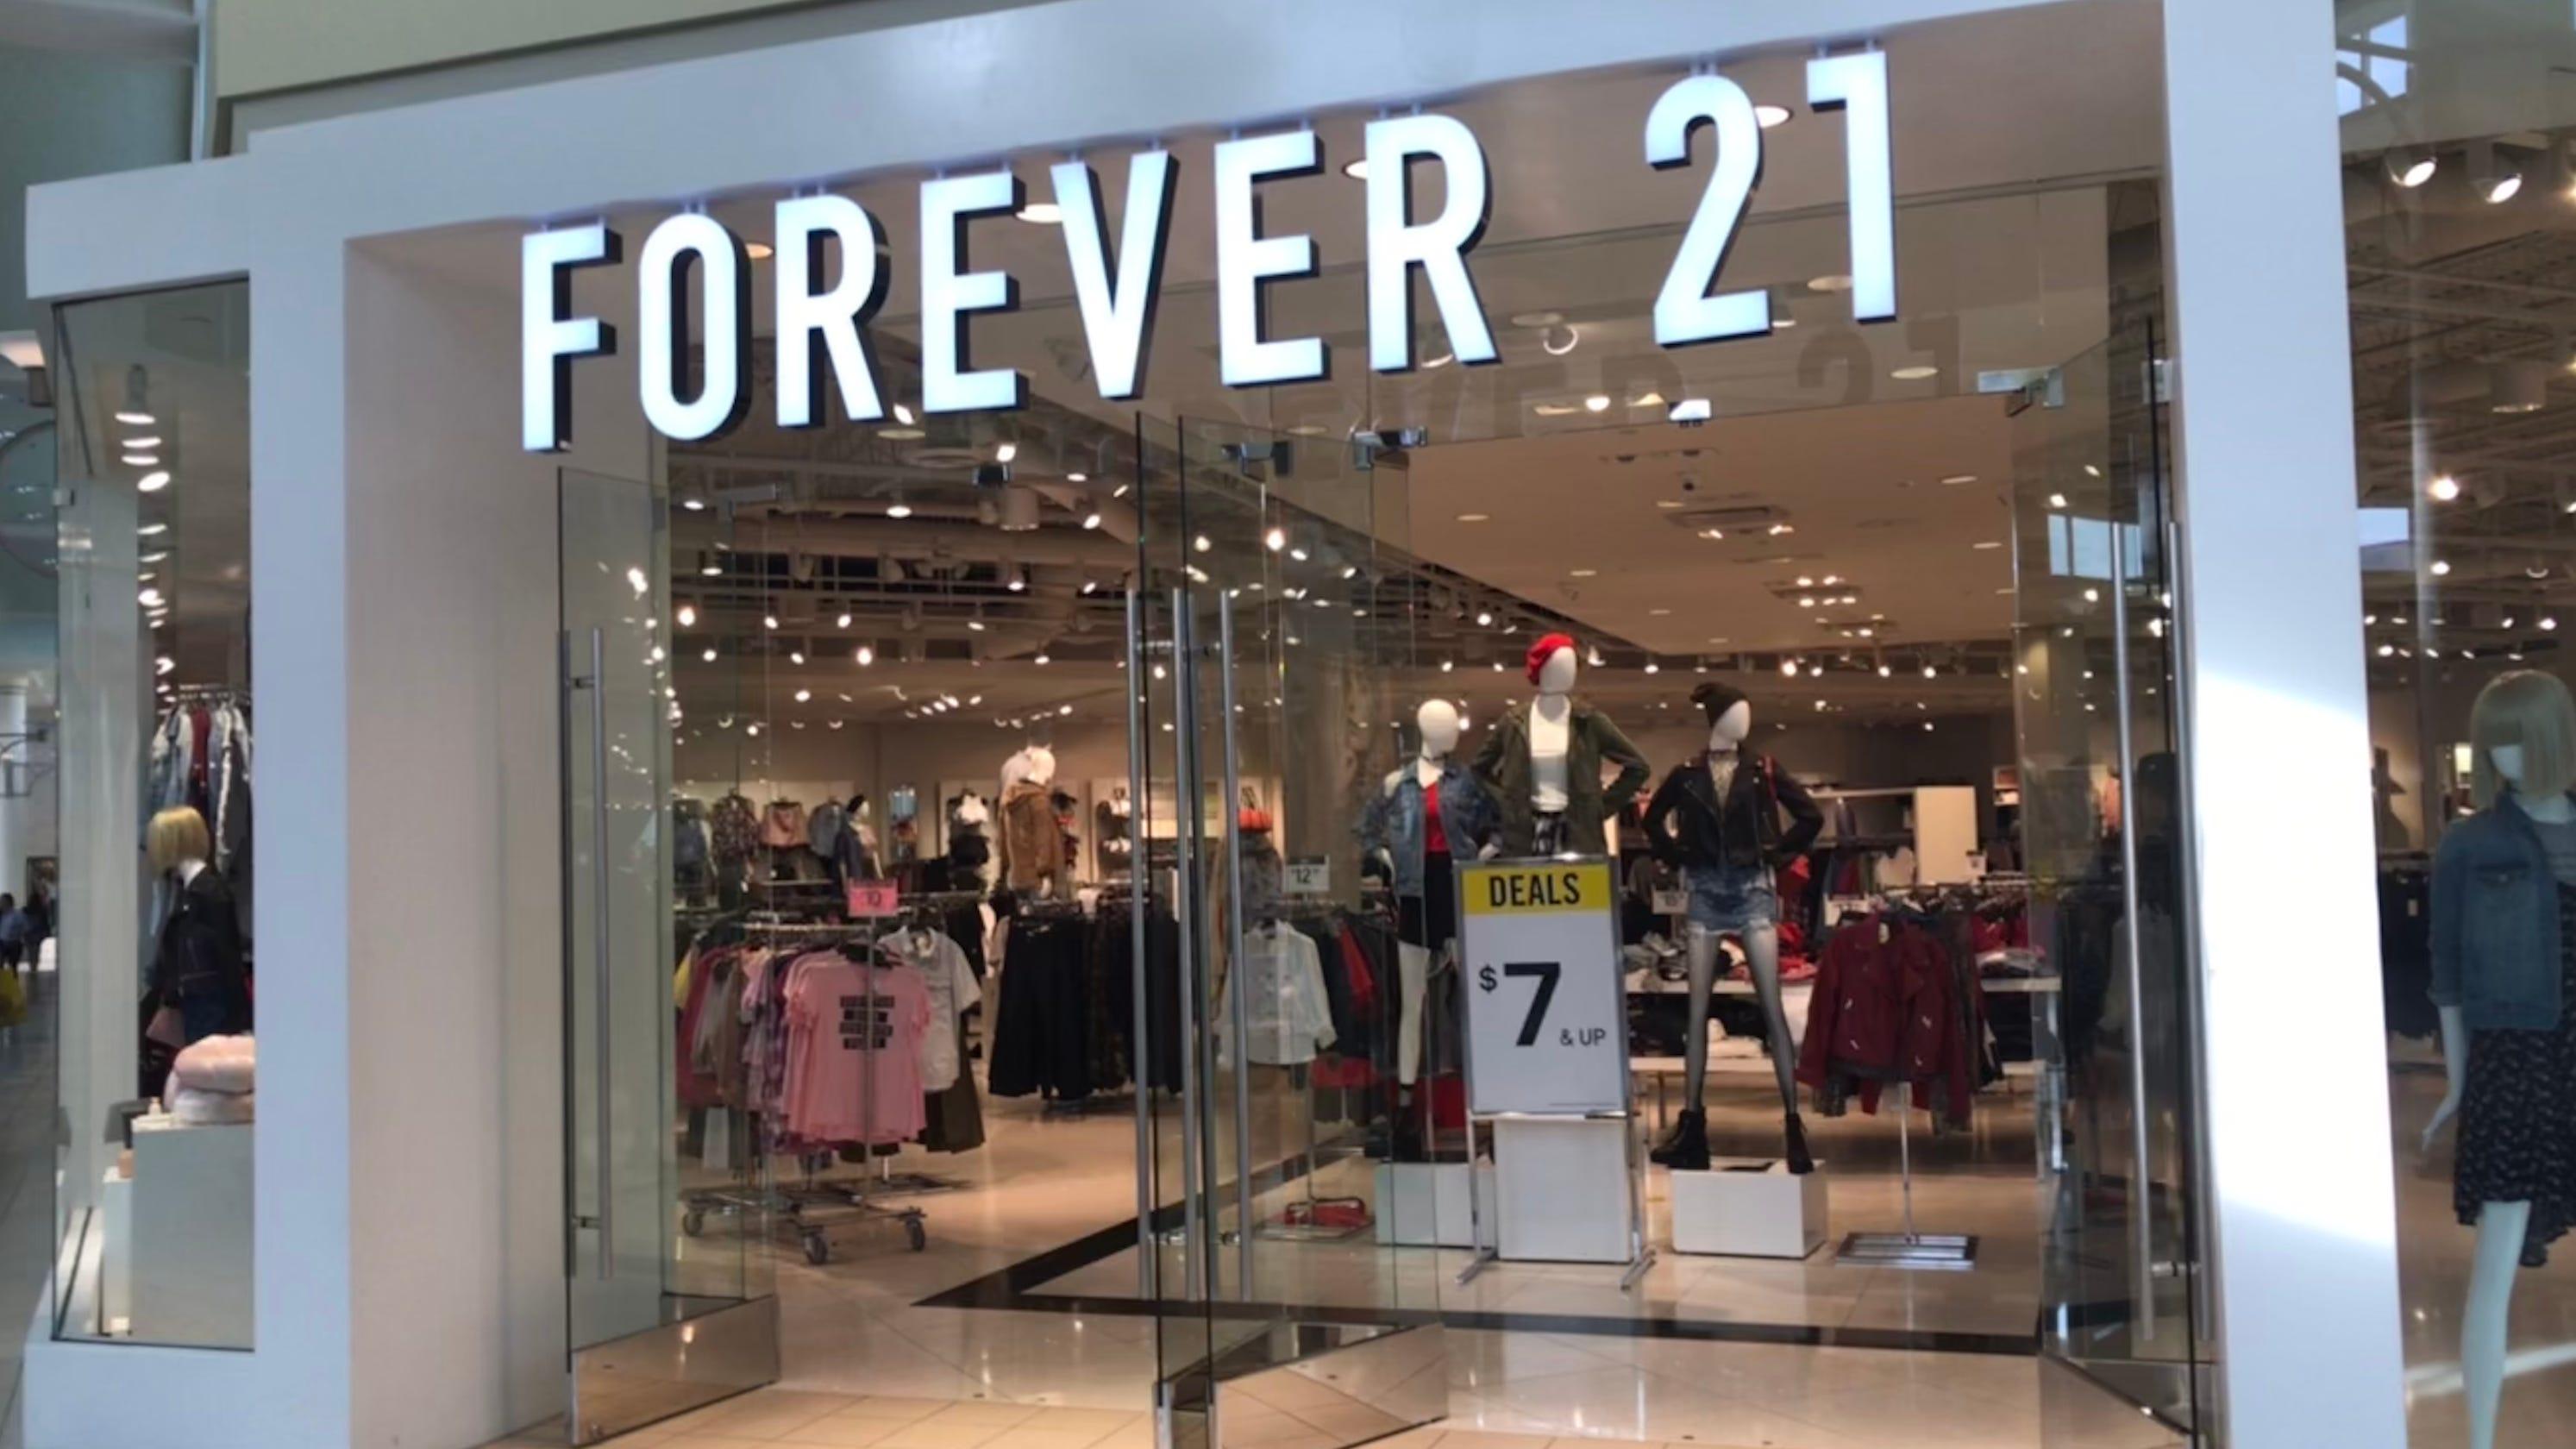 - 4 1569828247 - 'Giấc mơ Mỹ' của nhà sáng lập Forever 21: Tay trắng, không bằng đại học trở thành tỷ phú